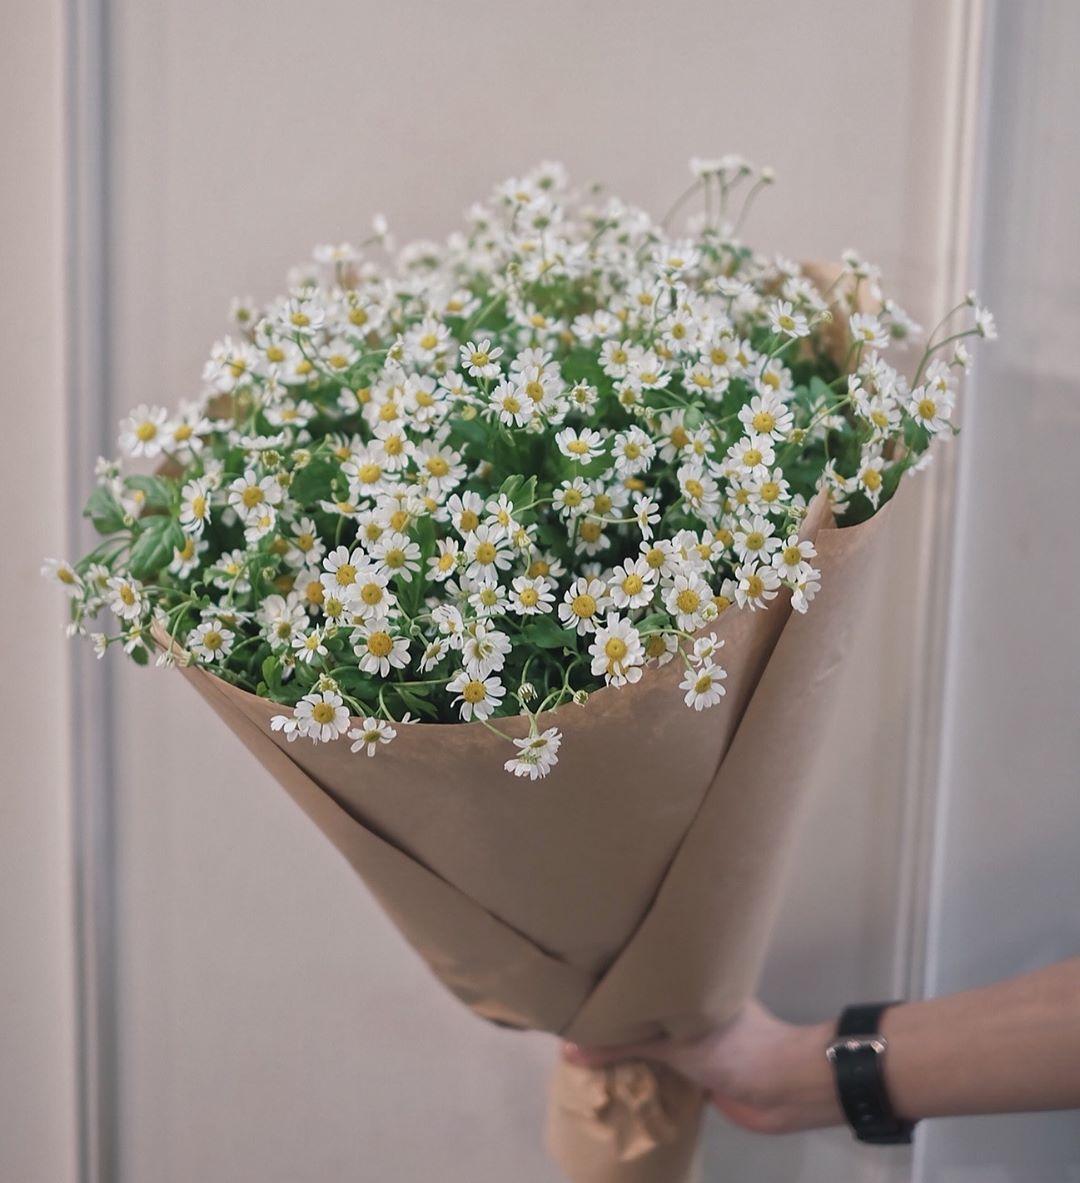 Hoa cúc họa mi tặng người yêu ngày lễ tình nhân tượng trưng cho Tình yêu thầm lặng